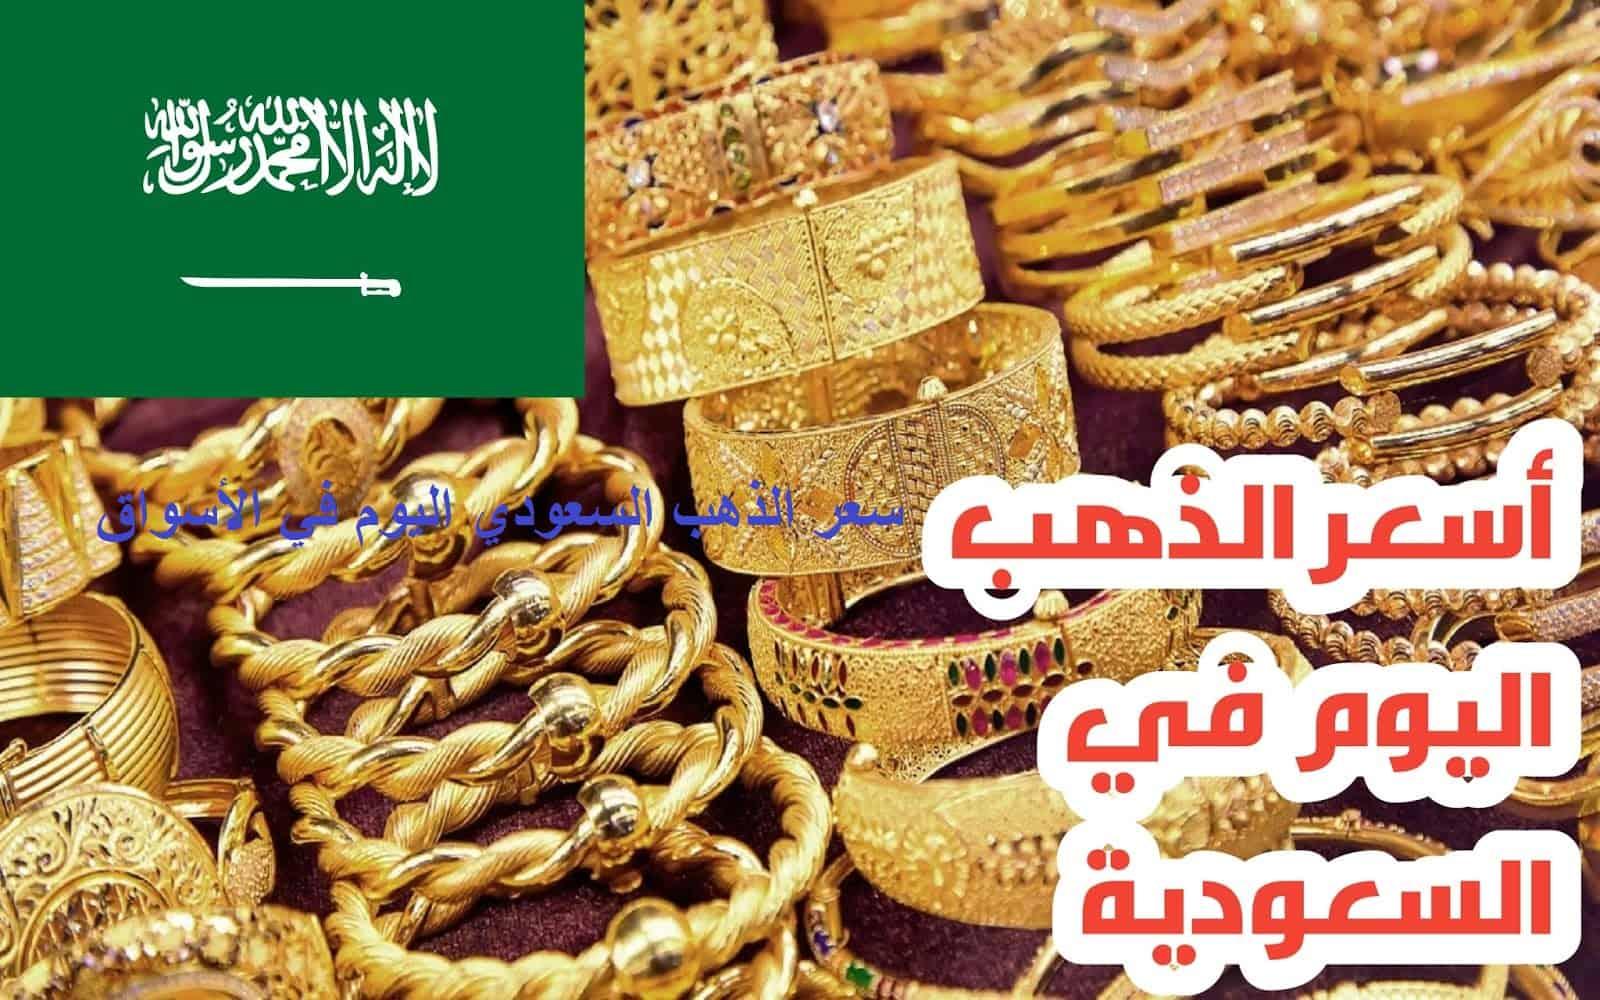 سعر الذهب في السعودية اليوم الأحد